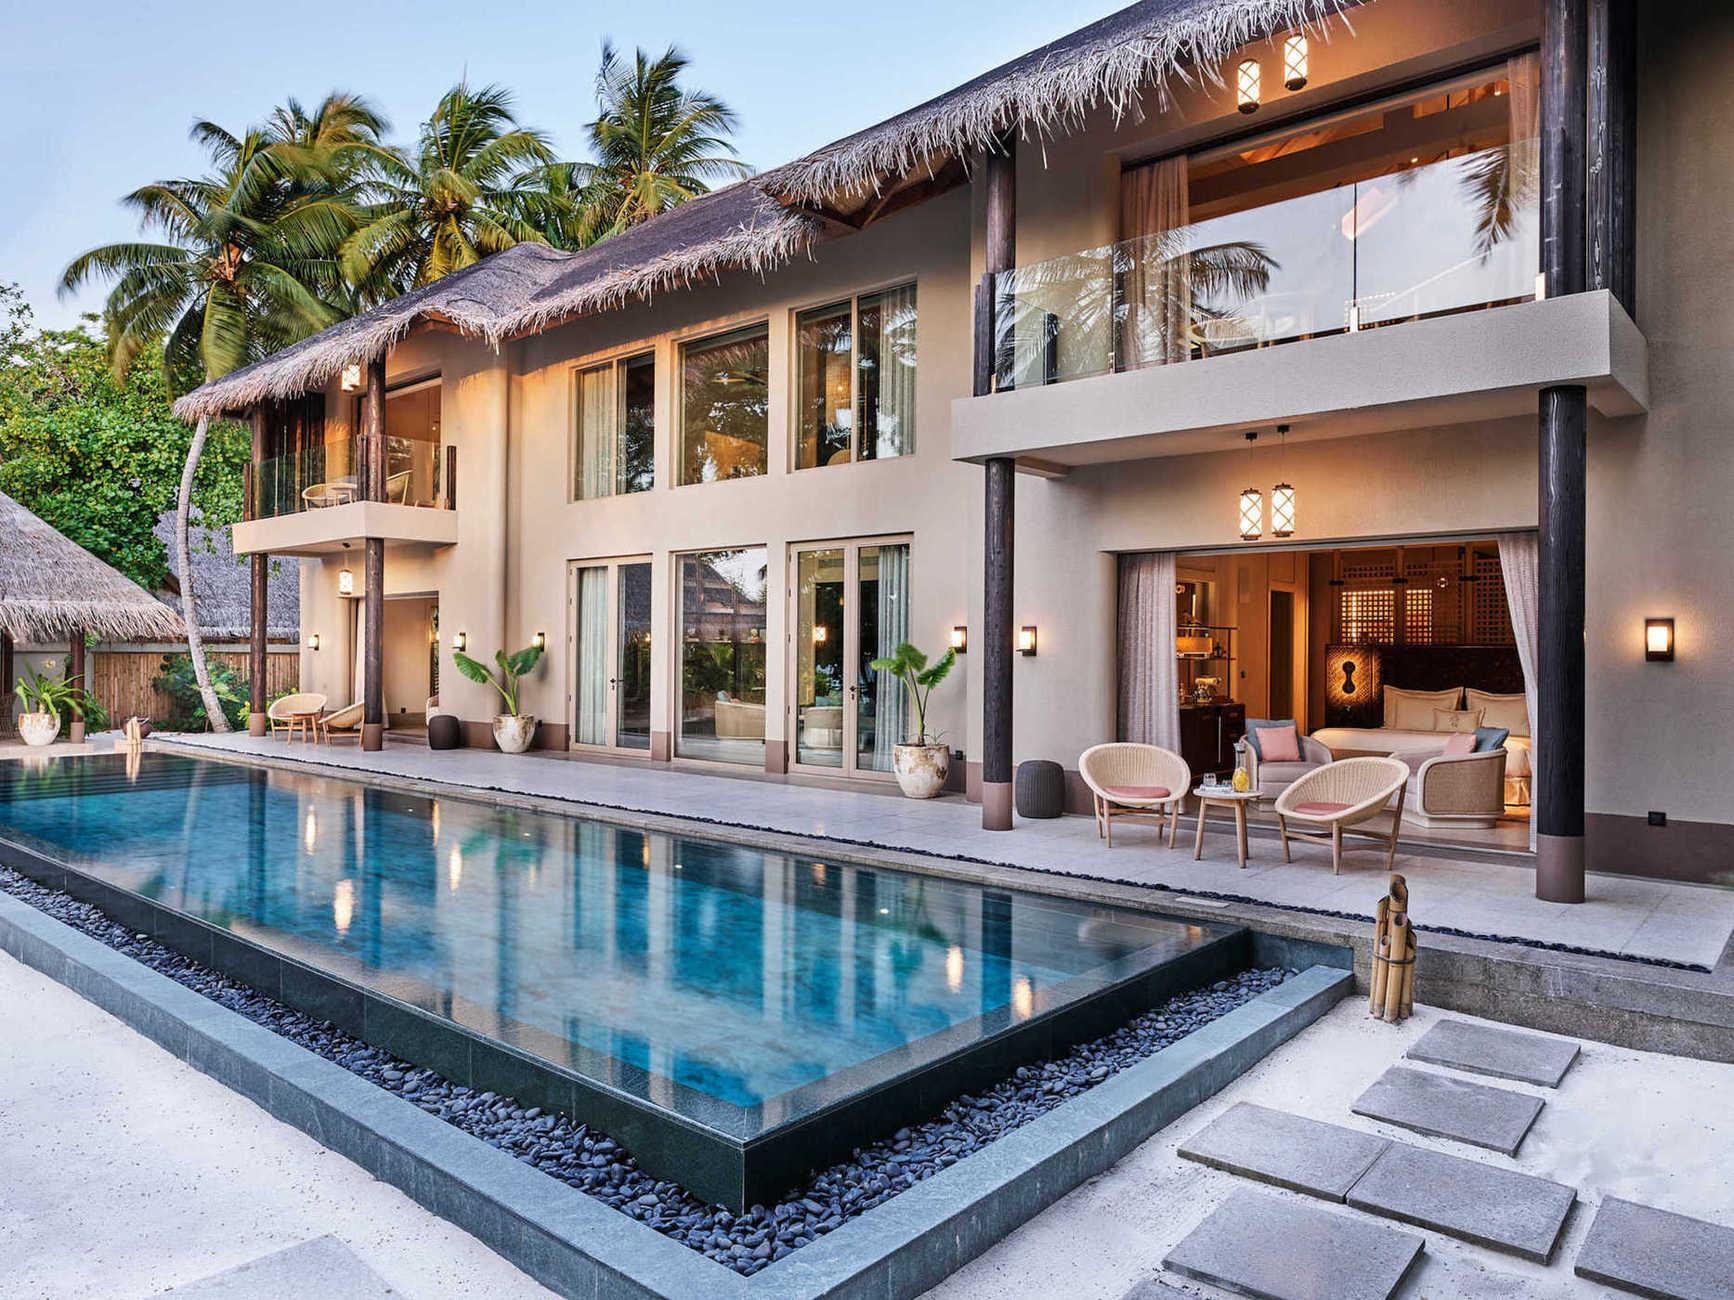 Предметом гордости курорта являются резиденции; каждая имеет просторные спальни с удобными гардеробными, шикарно обставленные гостинные и великолепные панорамные бассейны.